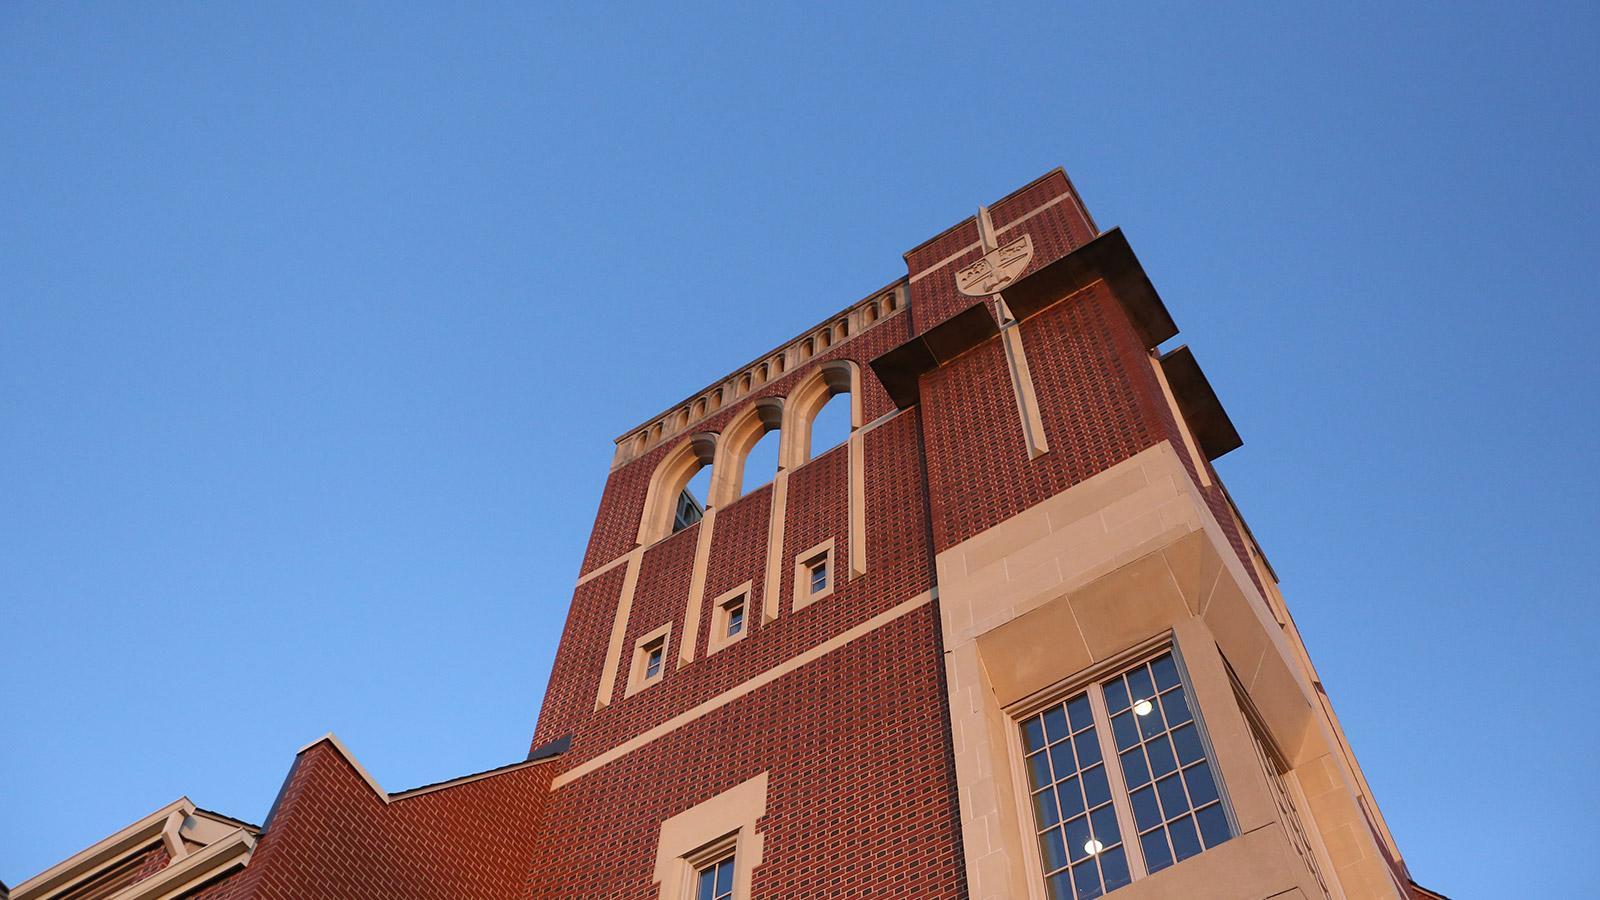 Baylor University | A Nationally Ranked Christian University